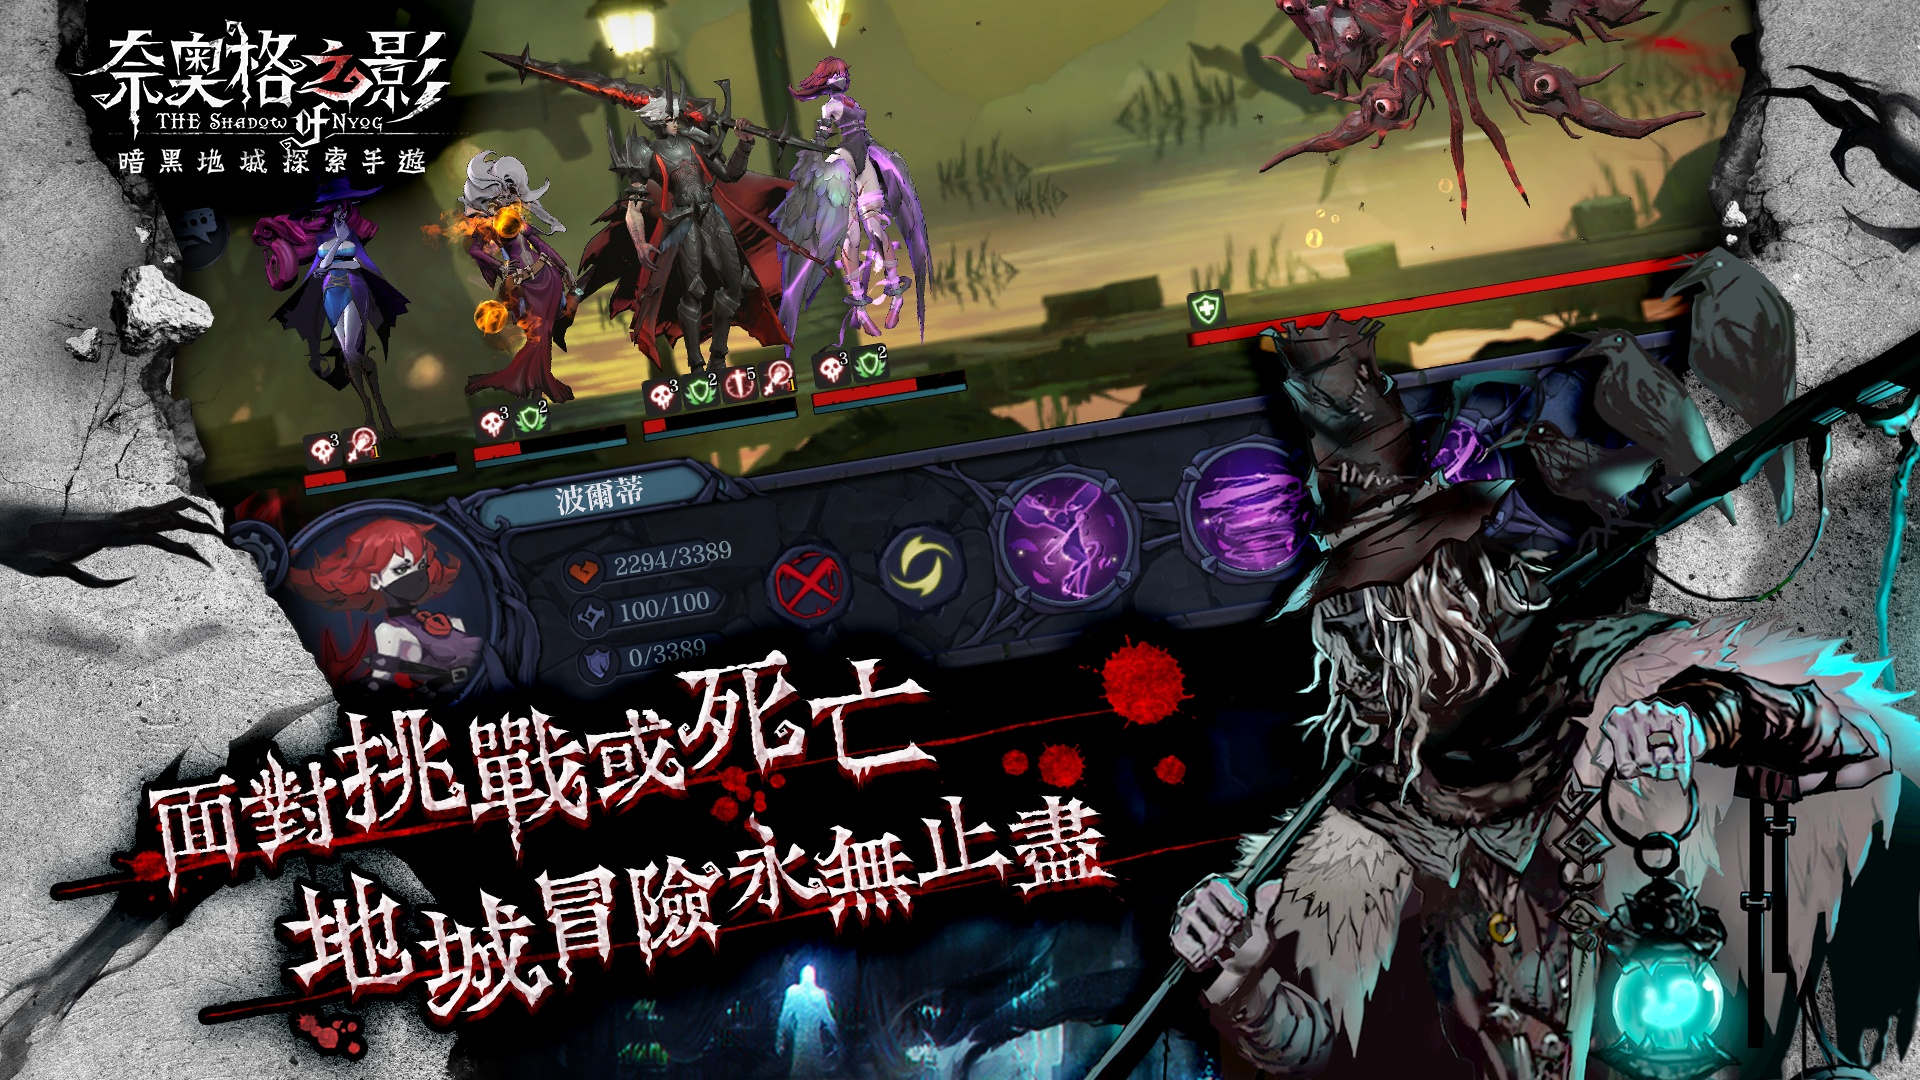 哥特暗黑風模擬冒險手遊《奈奧格之影》 探索迷霧深處的真相